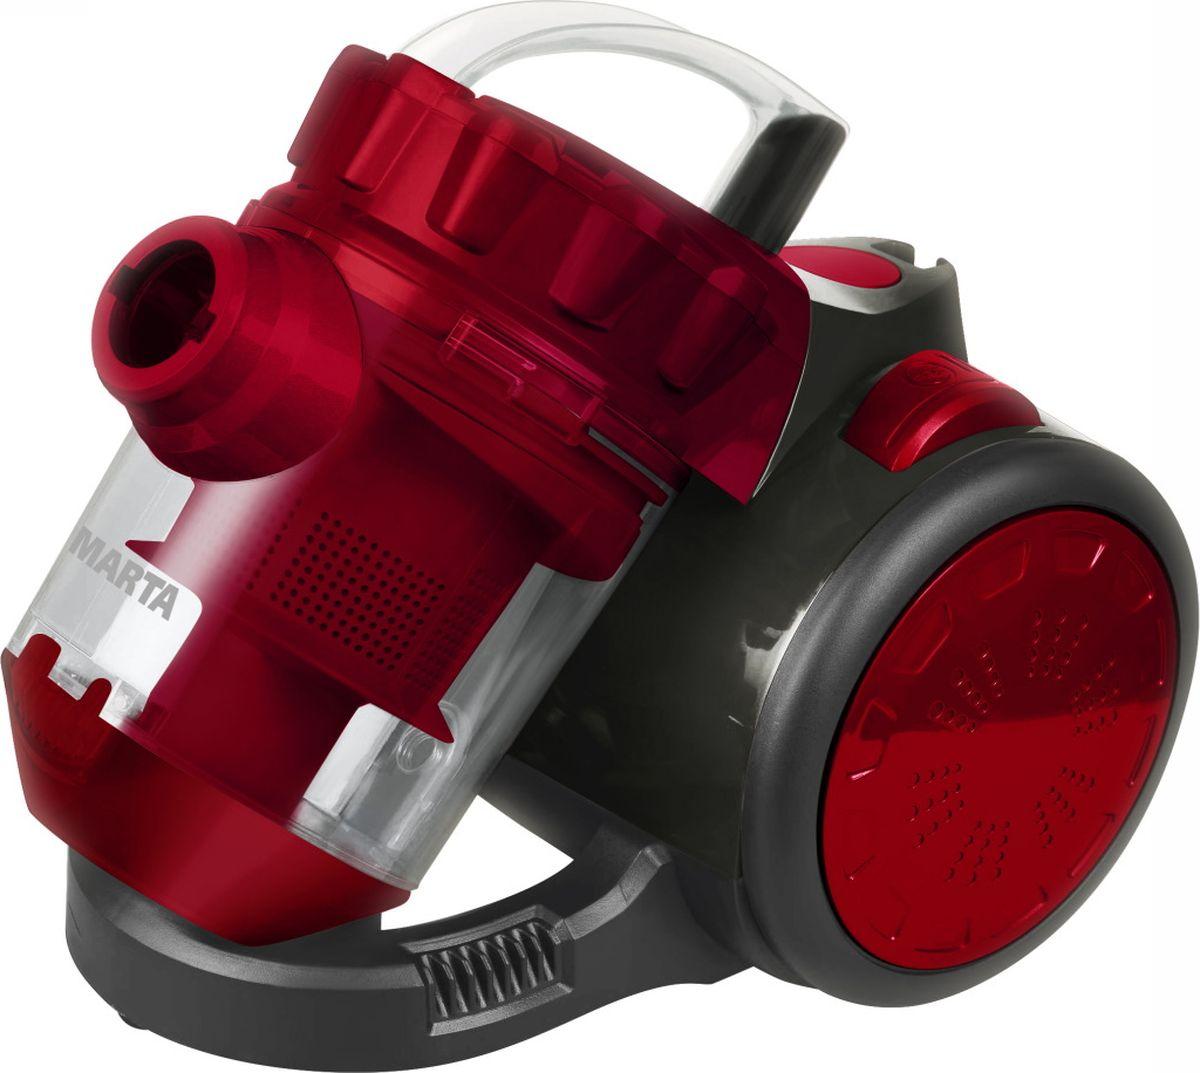 Marta MT-1351, Dark Garnet пылесосMT-1351 гранатМощный и компактный пылесос Marta MT-1351 разработан специально для деликатной и качественной уборки внутренних помещений. Надежный двигатель и высокоэффективная циклонная технология обеспечивают постоянную мощность всасывания на различных поверхностях, включая ковры. Легкость очистки контейнера для пыли значительно экономит время. Многослойный HEPA-фильтр улавливает мельчайшие частицы пыли и аллергены, оставляя только чистый и свежий воздух в вашем доме, что особенно важно для семей с маленькими детьми и людей с аллергическими заболеваниями.